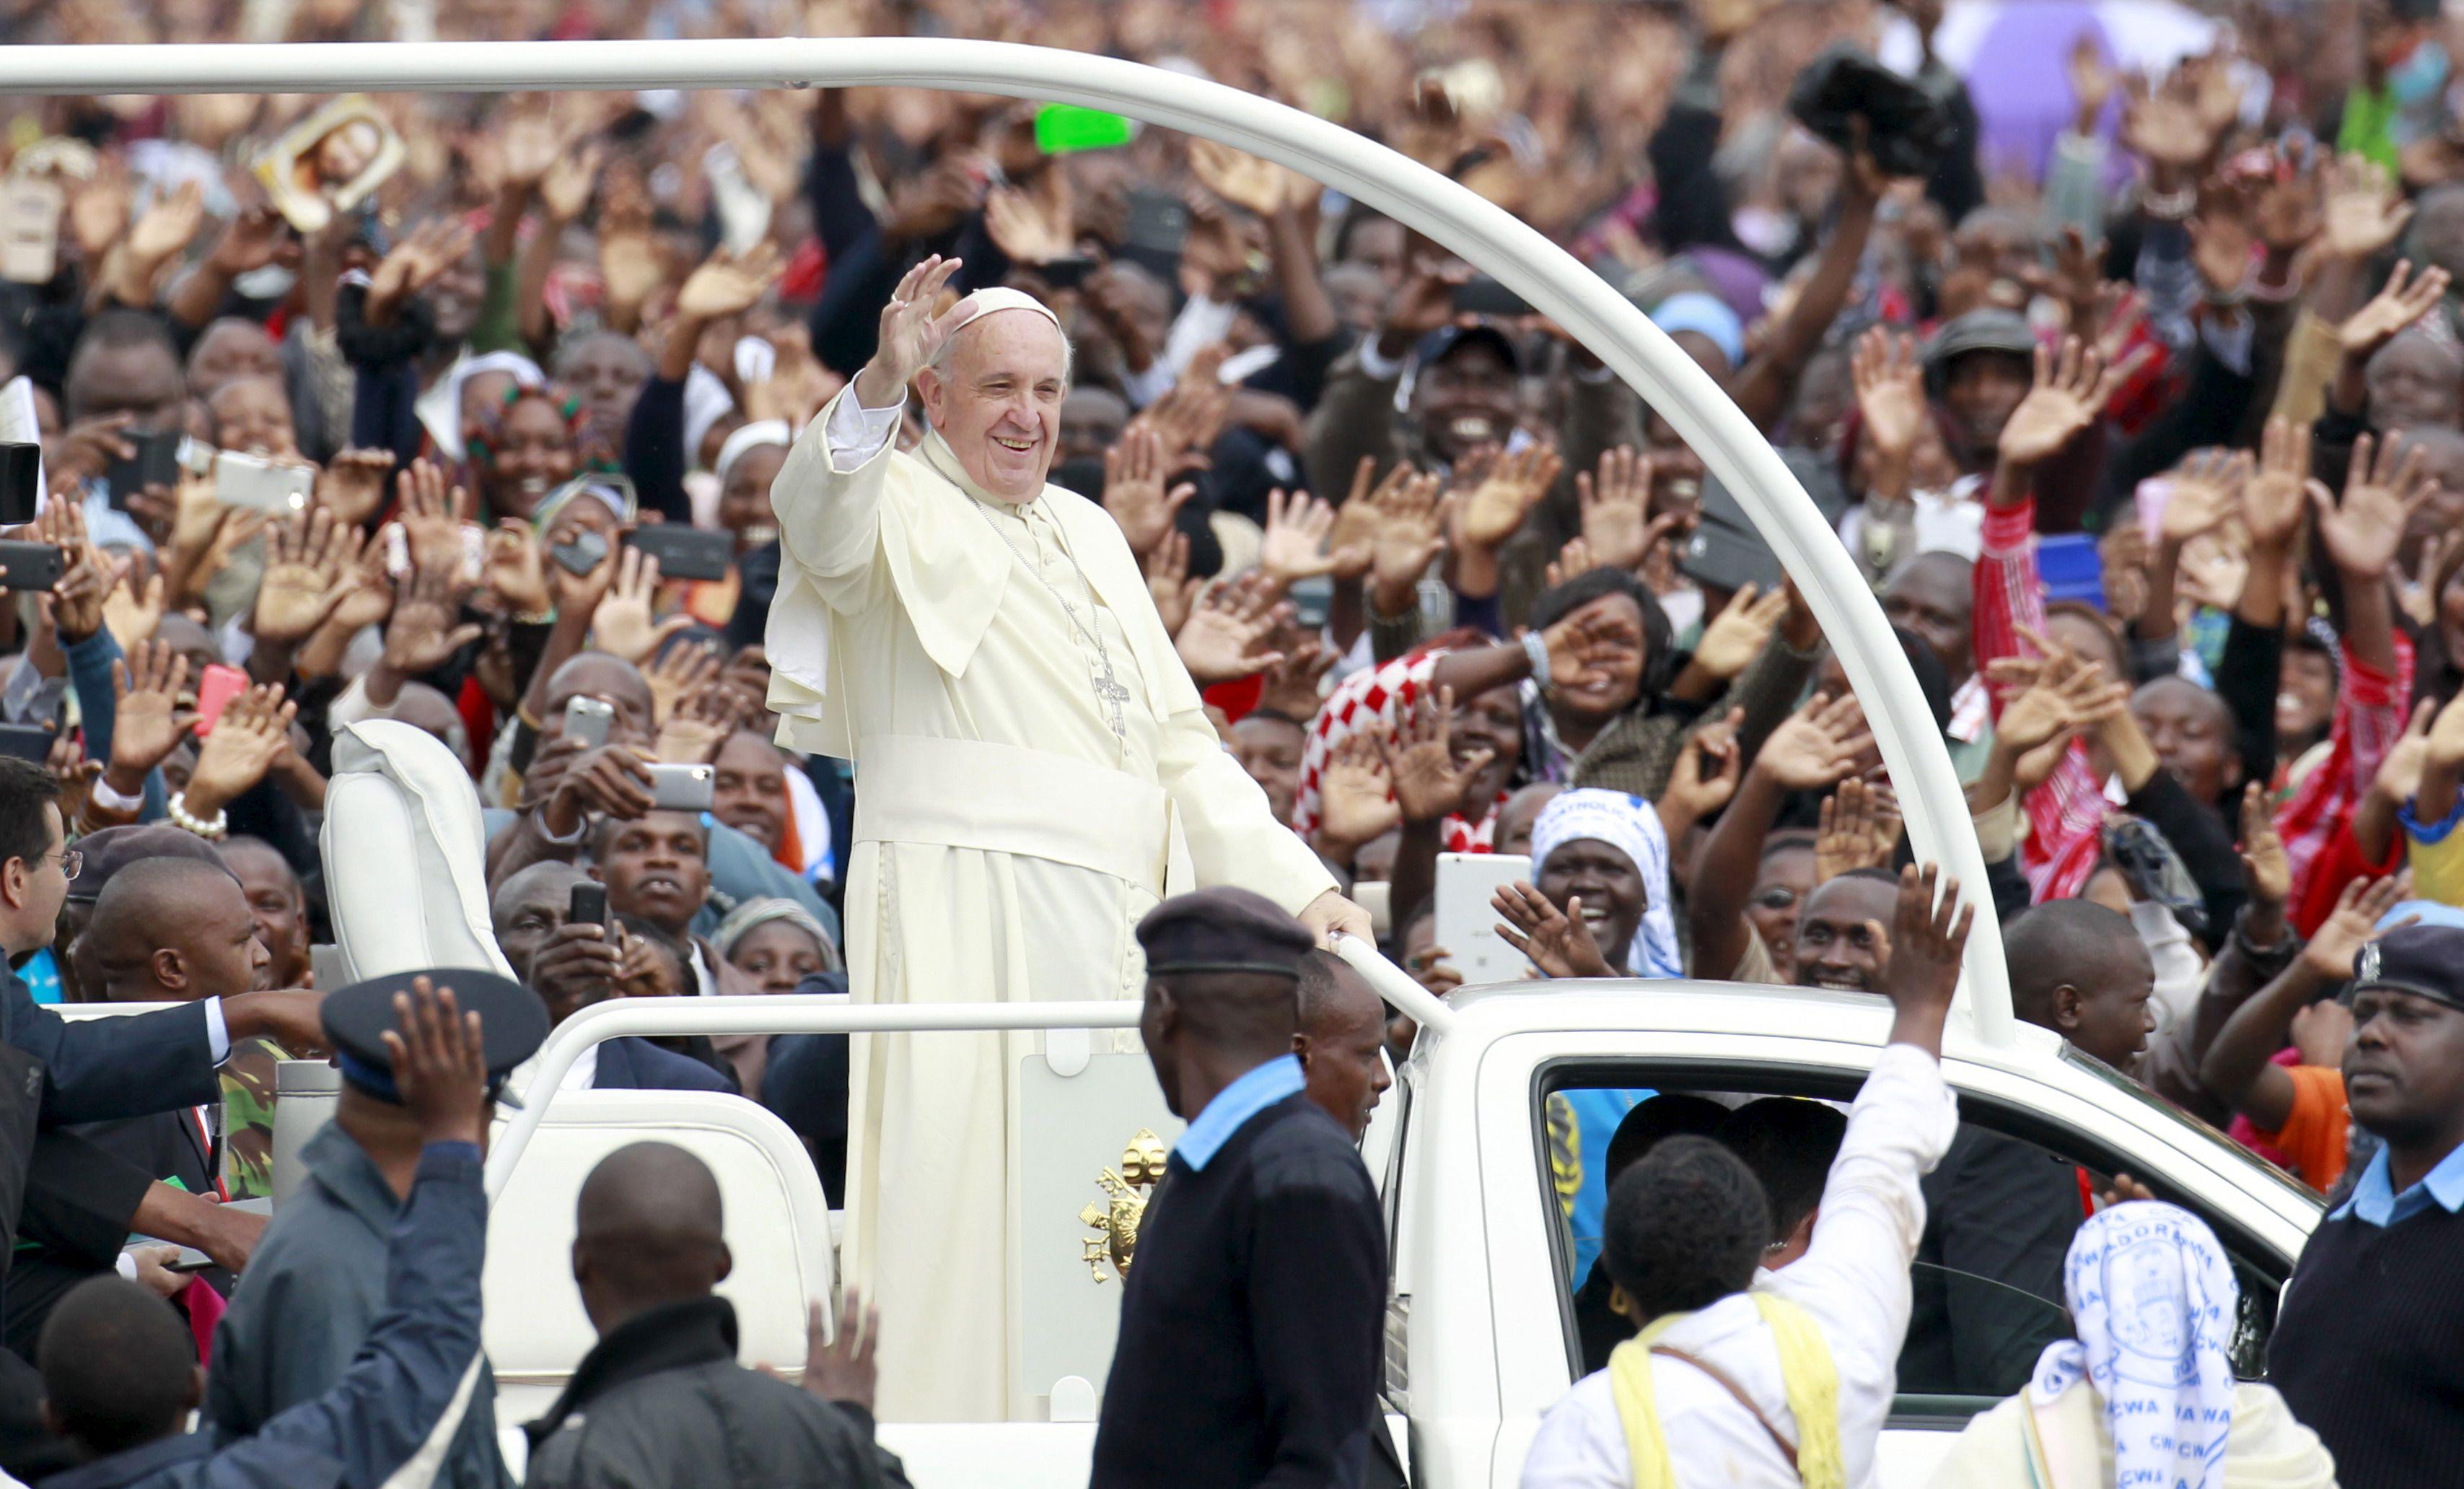 Pour la première visite en Afrique de son pontificat, le pape François se rend au Kenya, puis en Ouganda (27-29) et enfin en République centrafricaine.